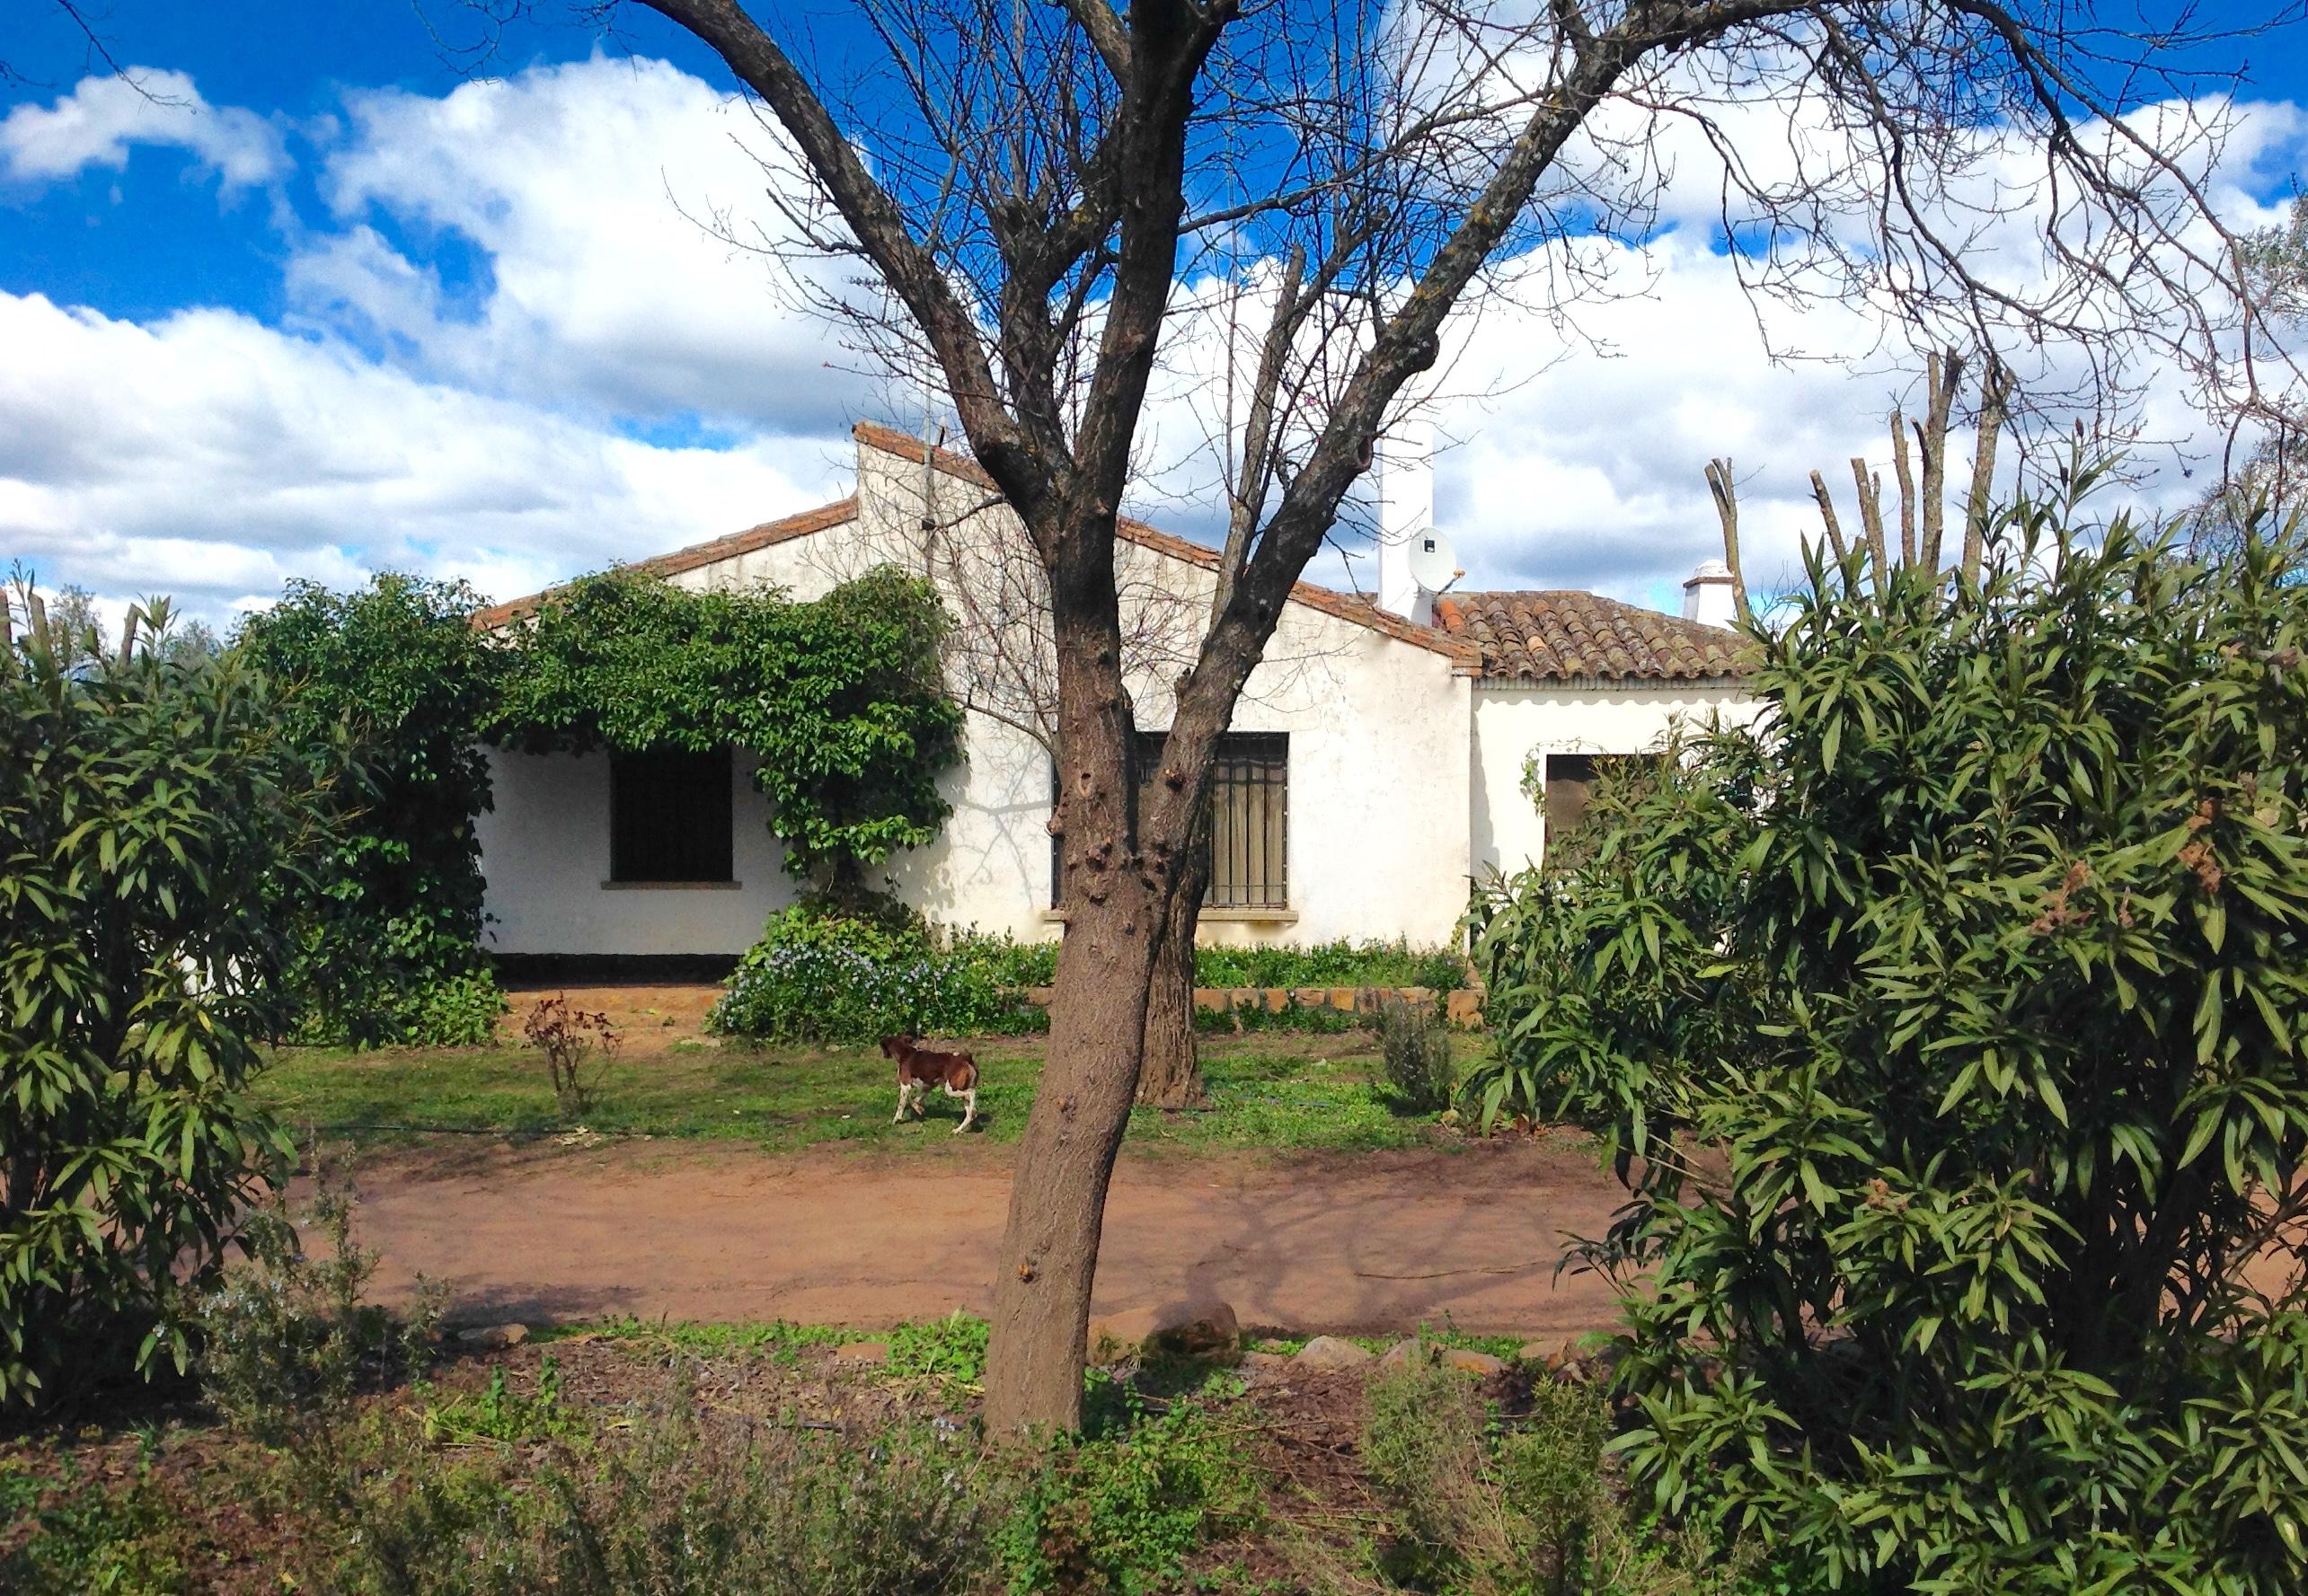 Valdeazores-Casa-olivar-IMG_5695